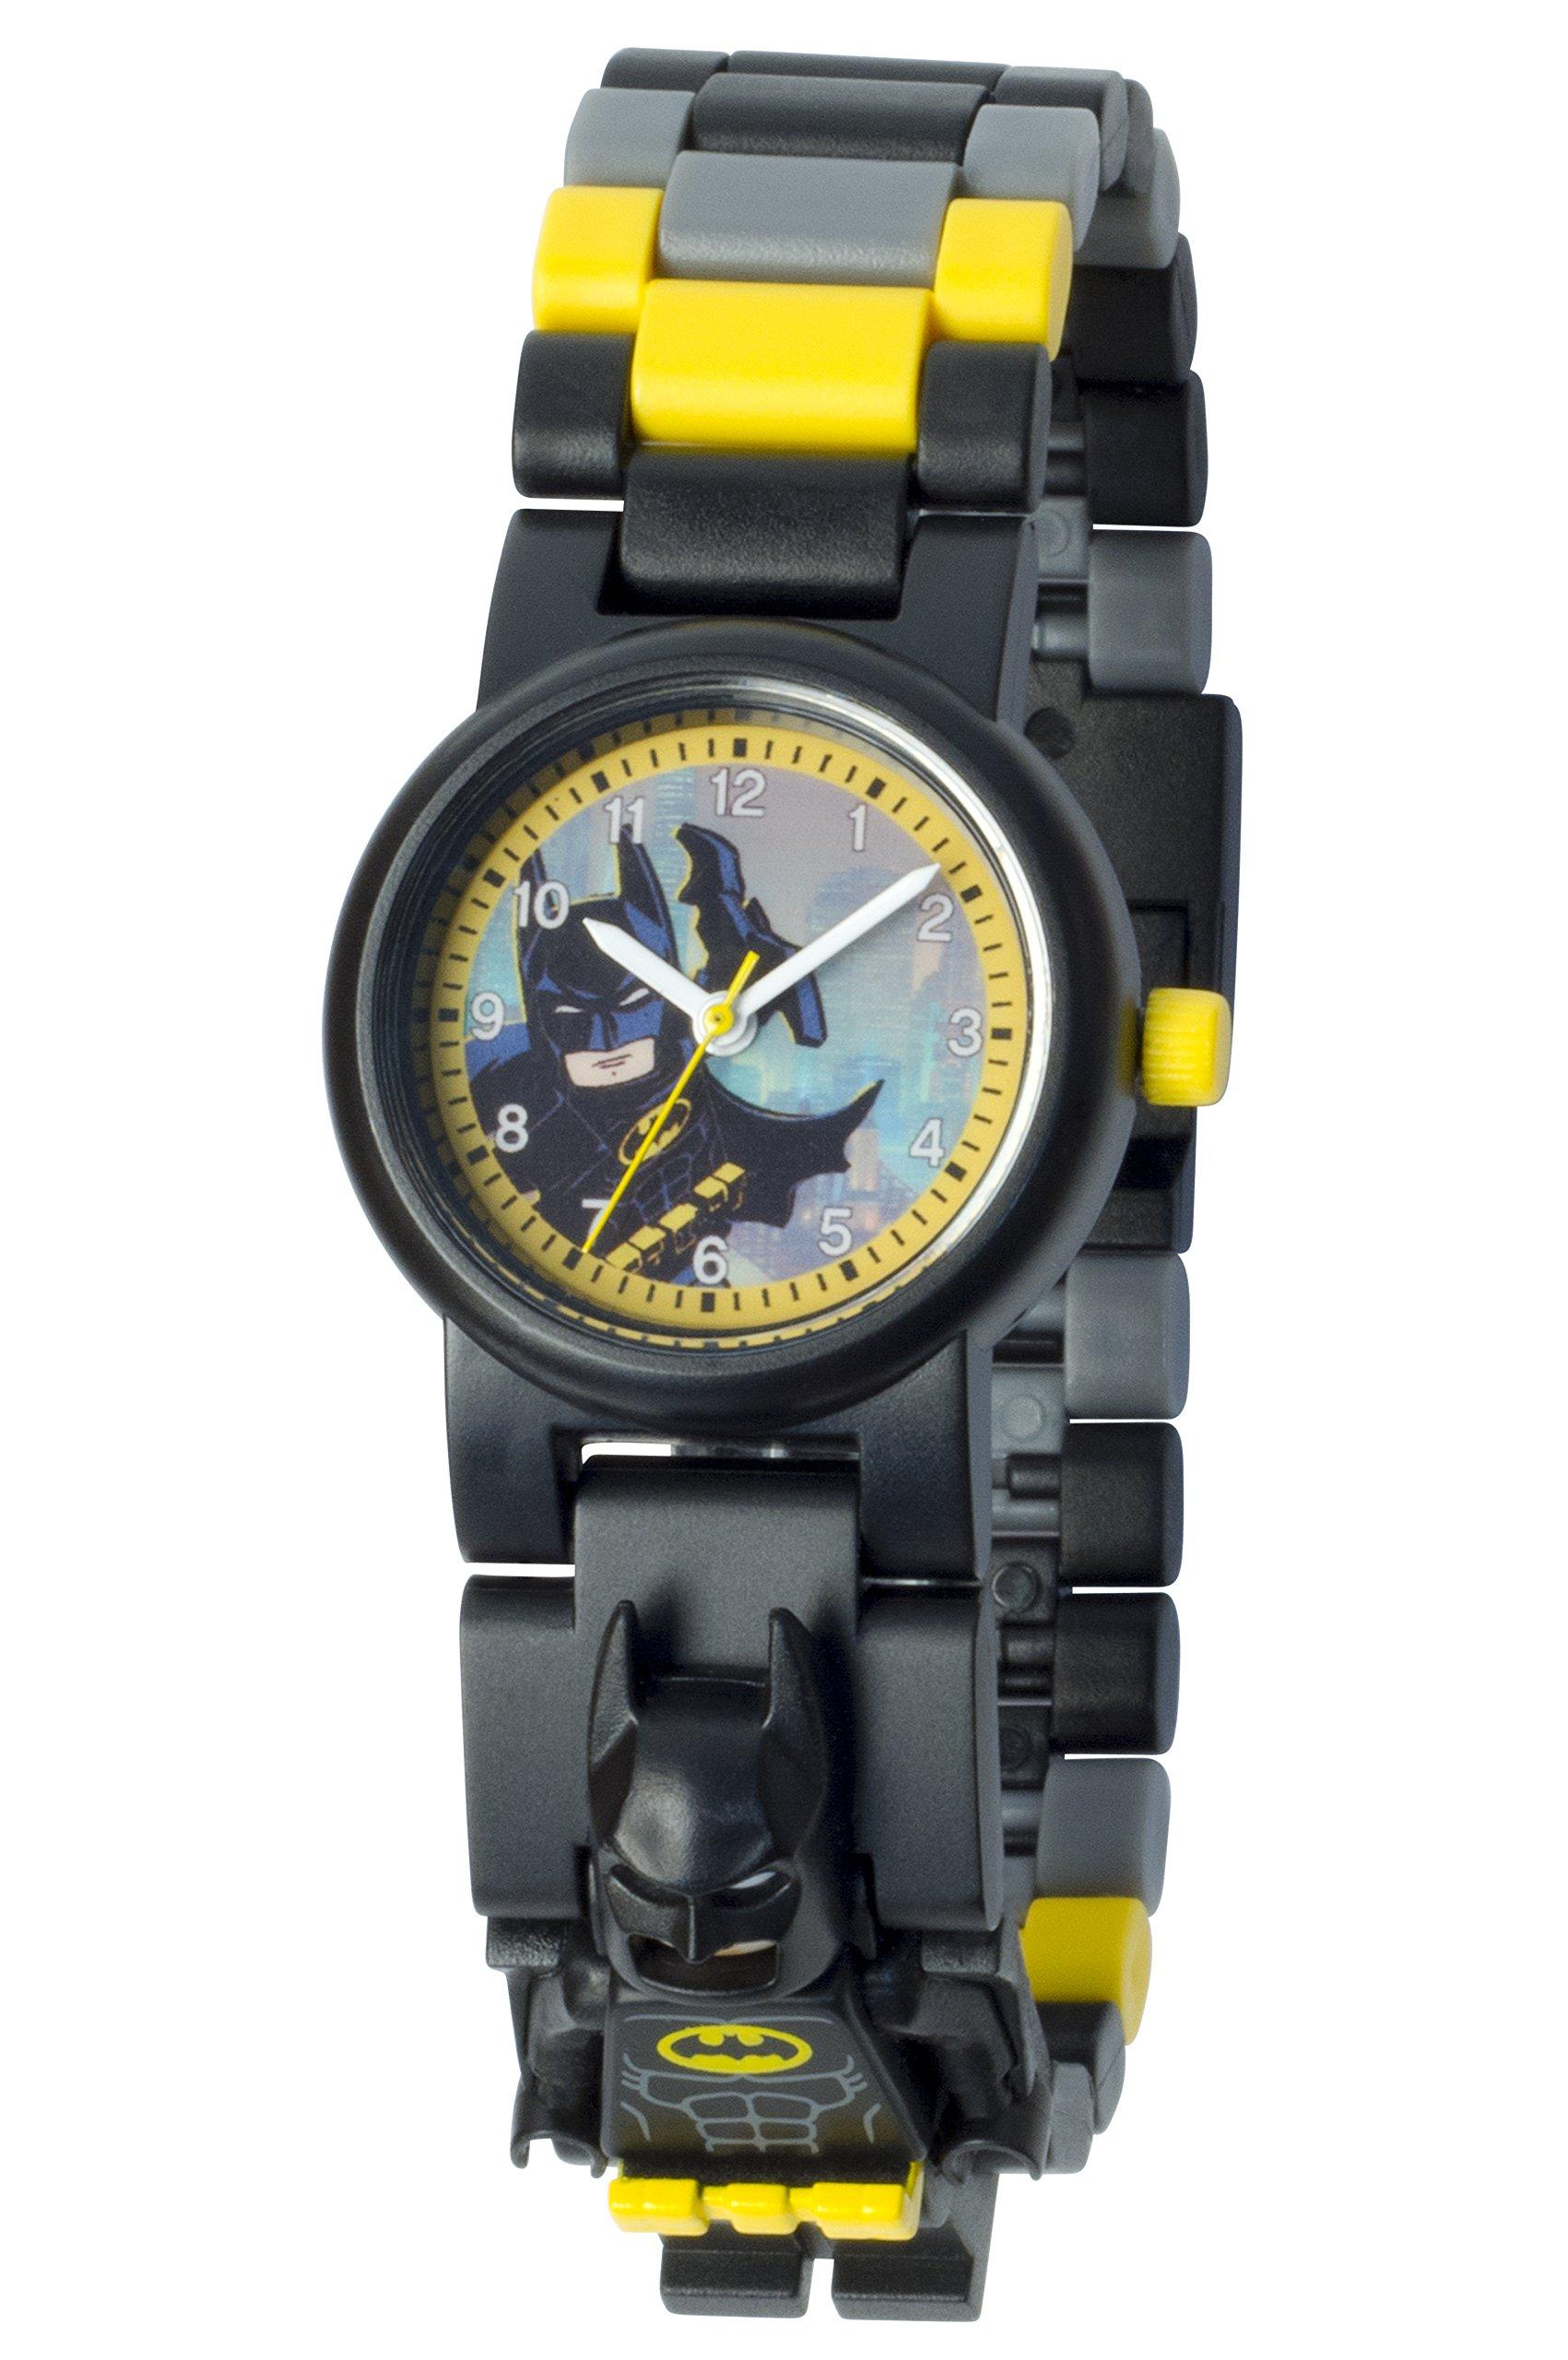 LEGO Batman 8020837 Orologio da polso componibile per bambini con minifigure Batman 2 spesavip